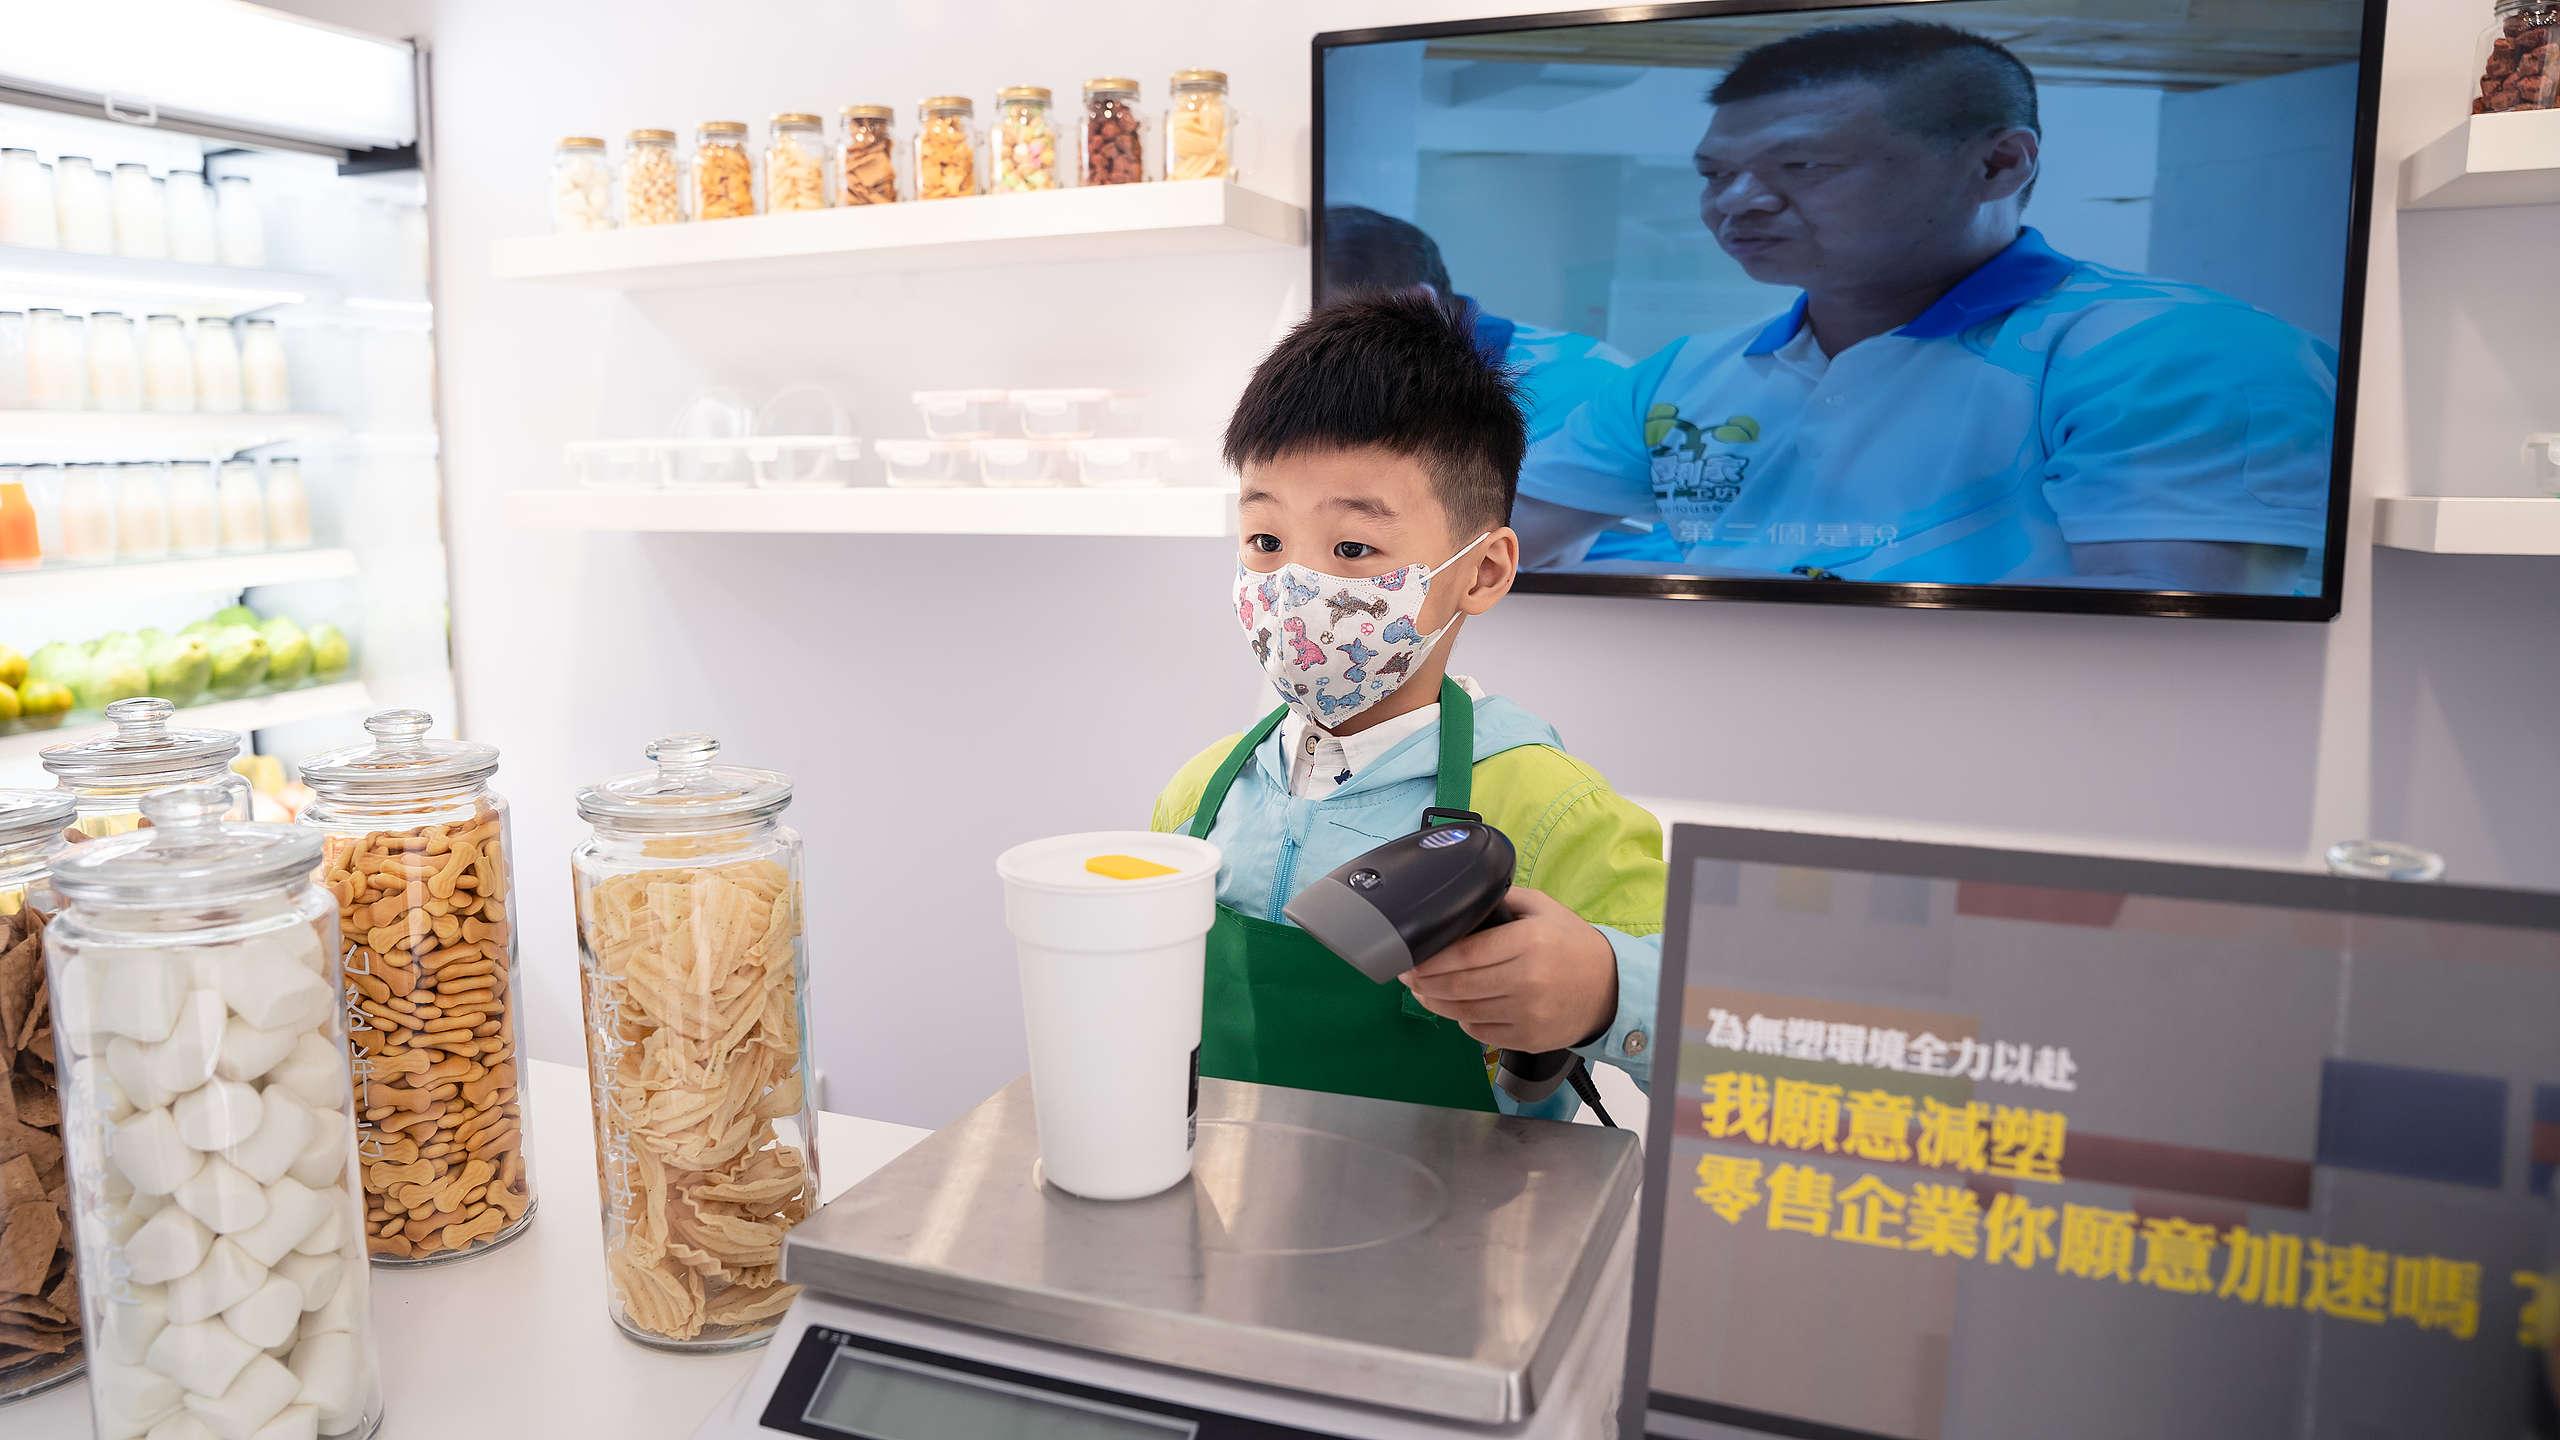 2020年11月8日,綠色和平於臺南舉辦「無塑示範店」,並邀請家長帶孩子體驗「一日小小店長」活動,認識減塑觀念,並共同要求企業加速減塑。